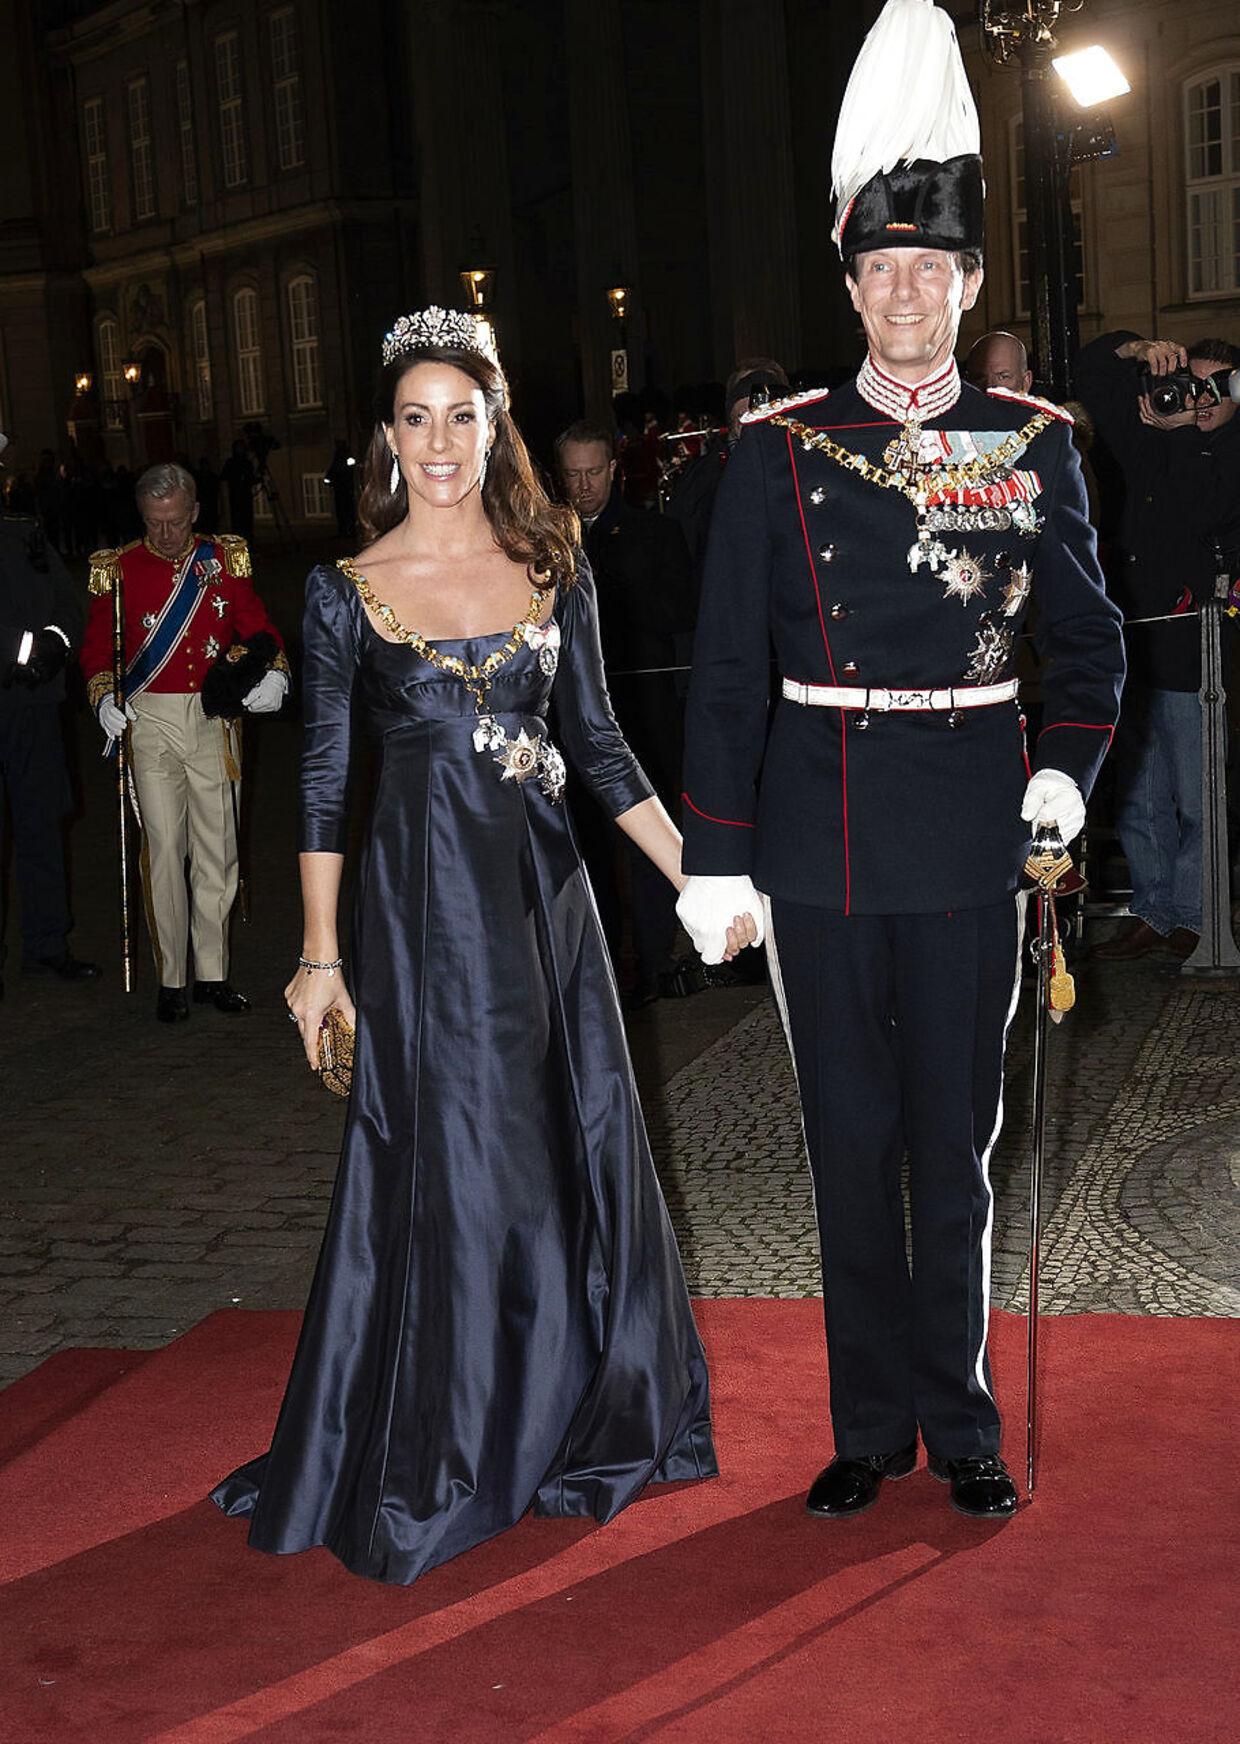 Prinsesse Maries kjole vakte ikke stor lykke hos eksperten, og den fik kun tre ud af seks stjerner.